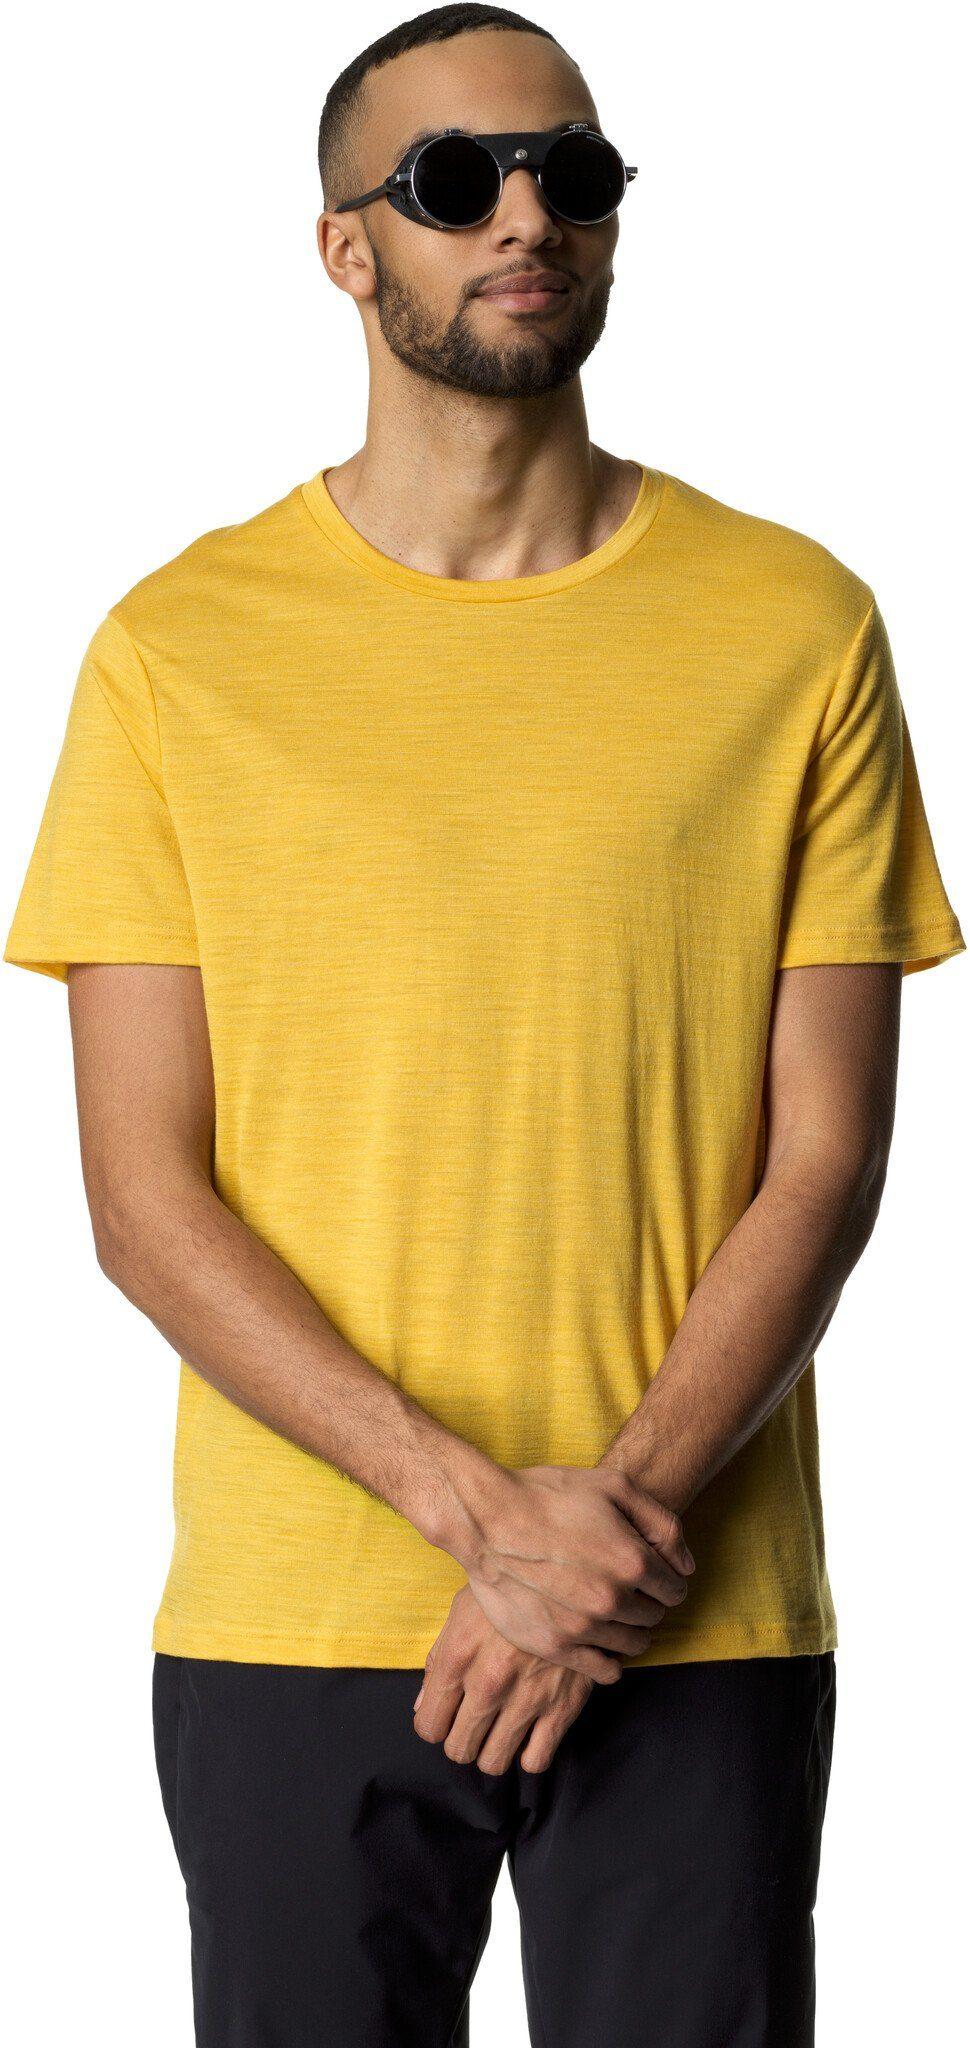 Houdini T-Shirt Activist Kurzarm T-Shirt Herren 5bBpy7